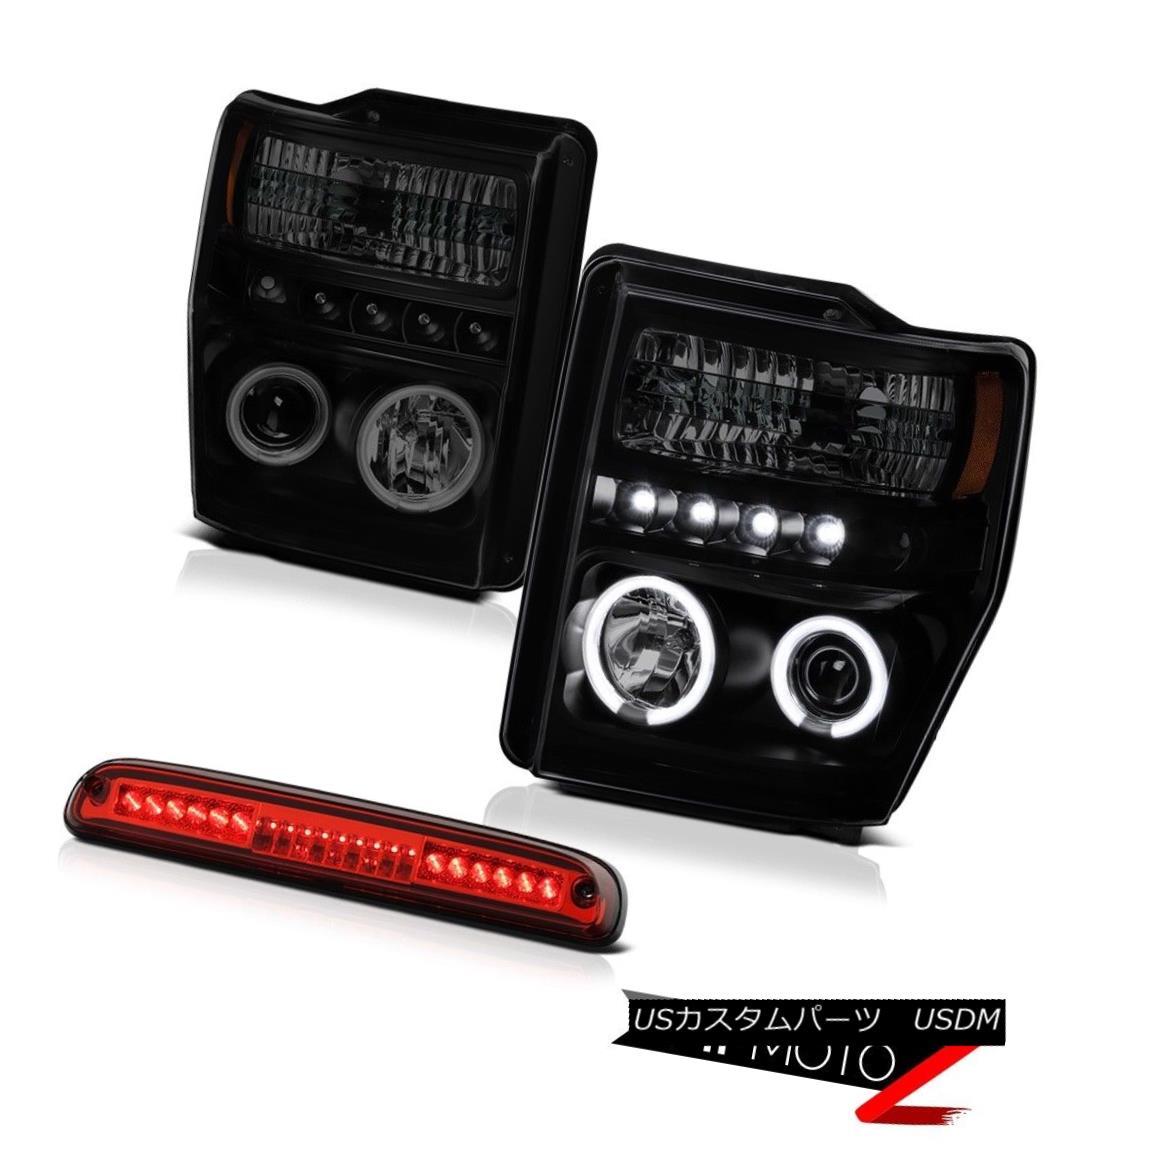 ヘッドライト 2008 2009 2010 F250 Lariat [BRIGHTEST] CCFL Rim Headlights 3rd Brake Red LED 2008年2009年2010年F250 Lariat [BRIGHTEST] CCFLリムヘッドライト第3ブレーキ赤色LED